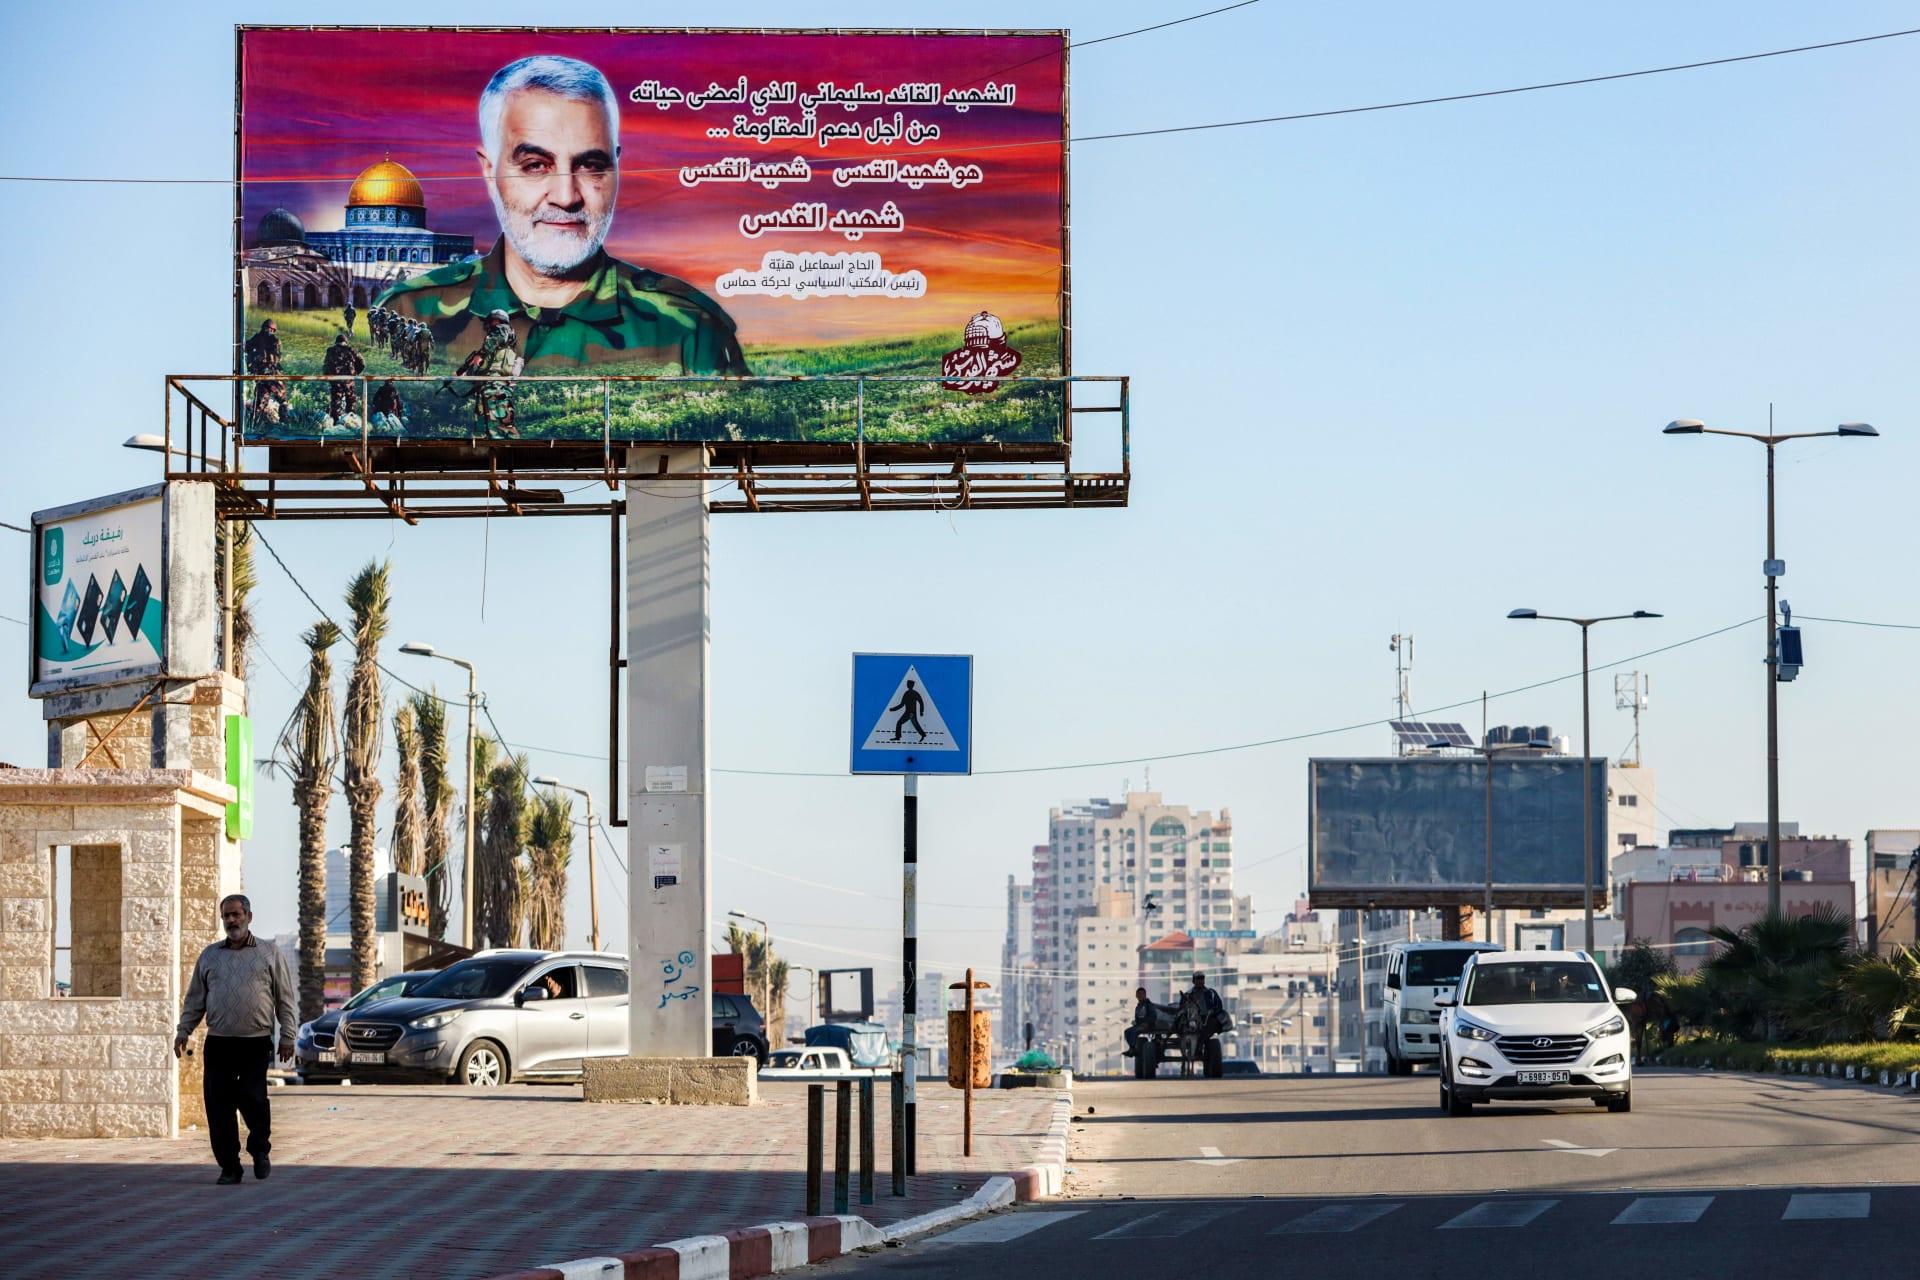 صورة أرشيفية من قطاع غزة للافتة عليها صورة قاسم سليماني